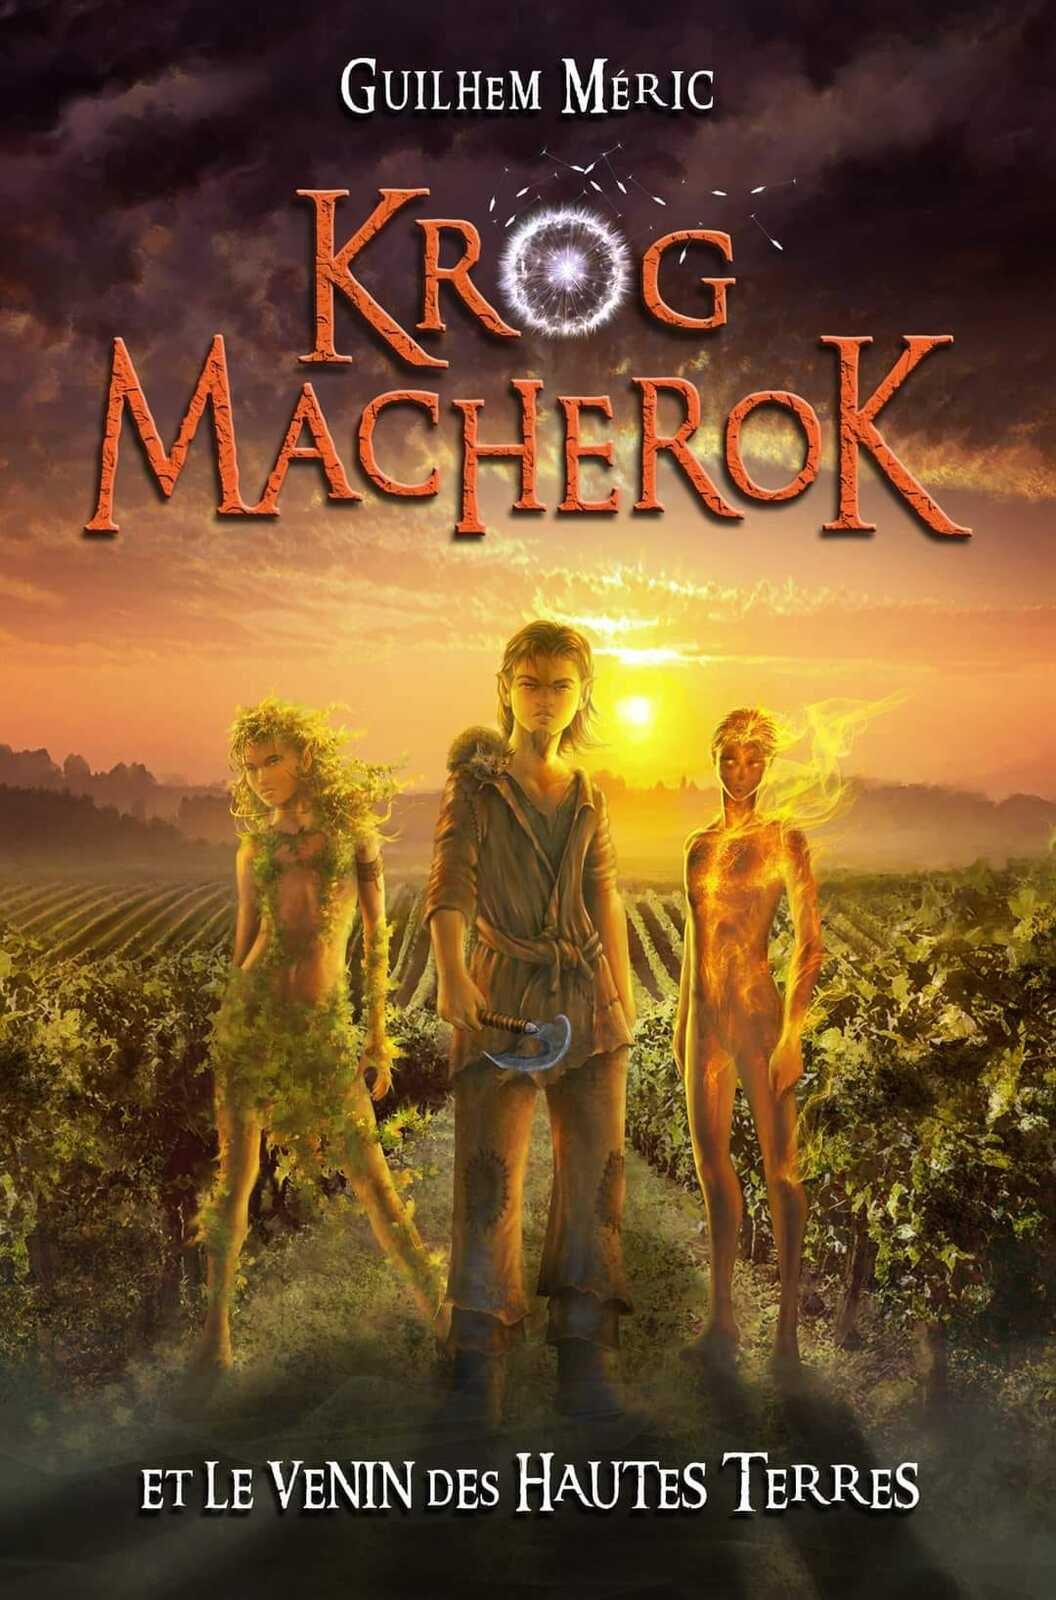 Krog Macherock